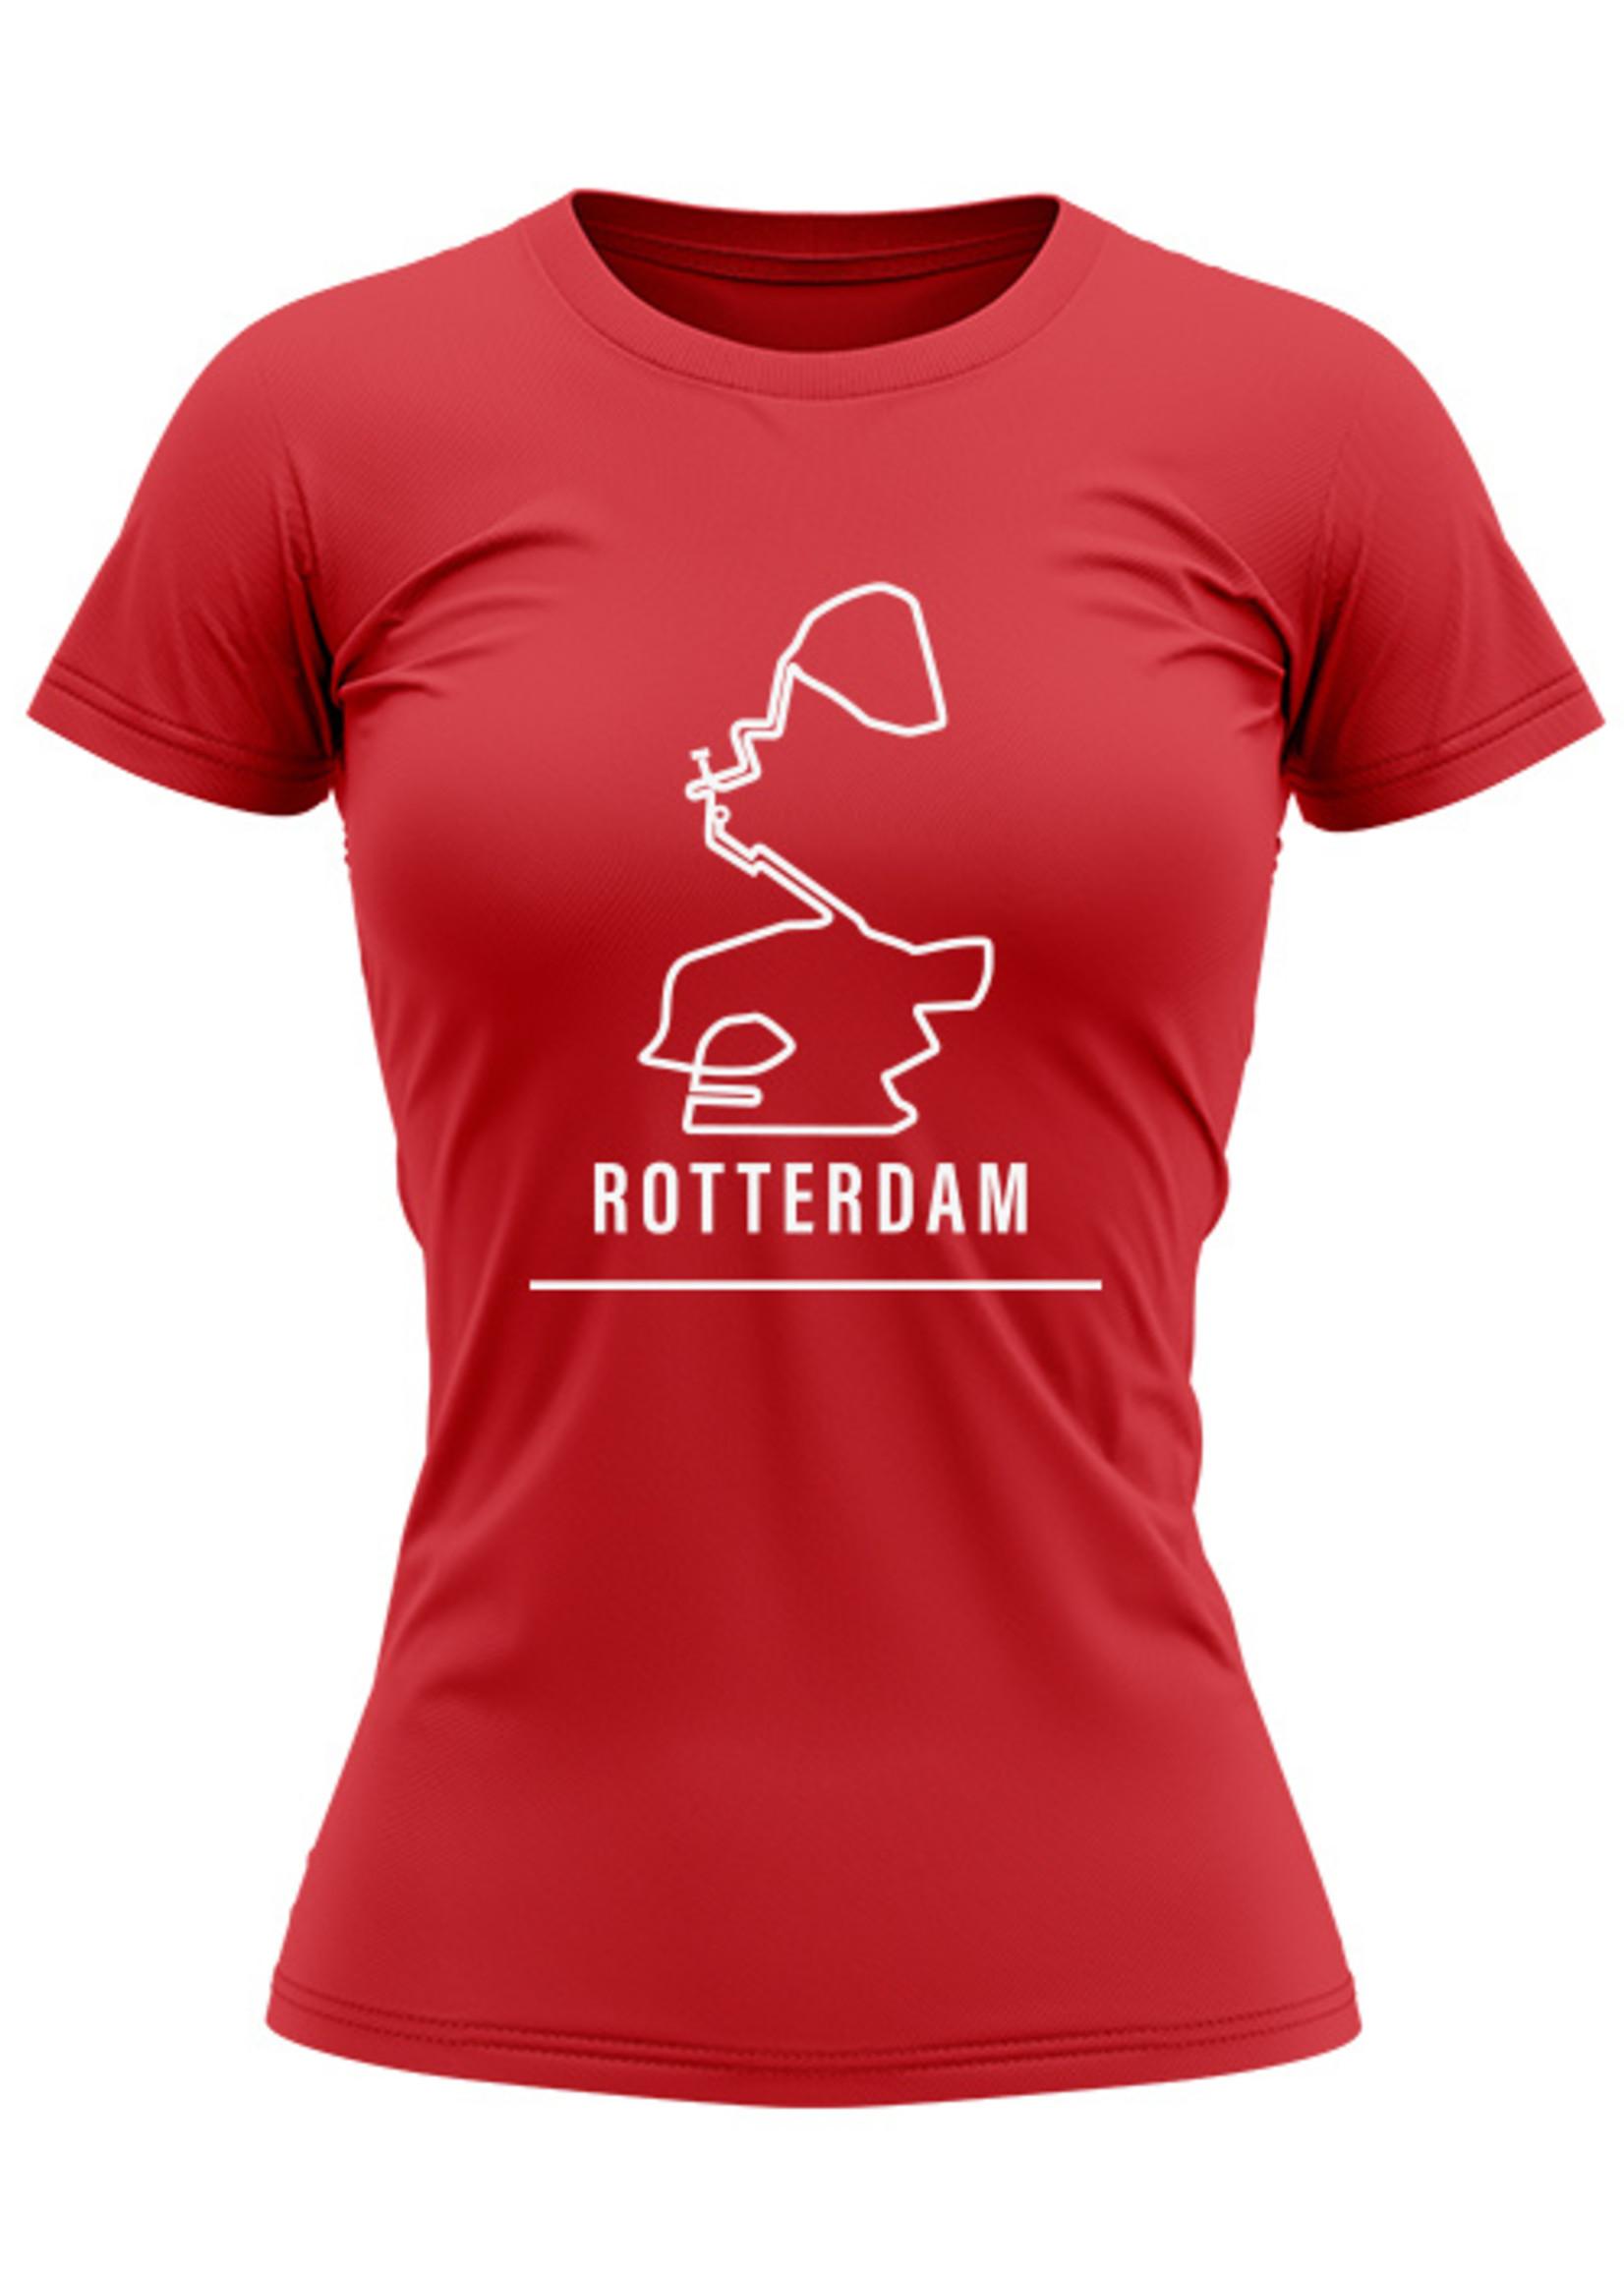 Rebel & Dutch Woman sportshirt Rotterdam marathon